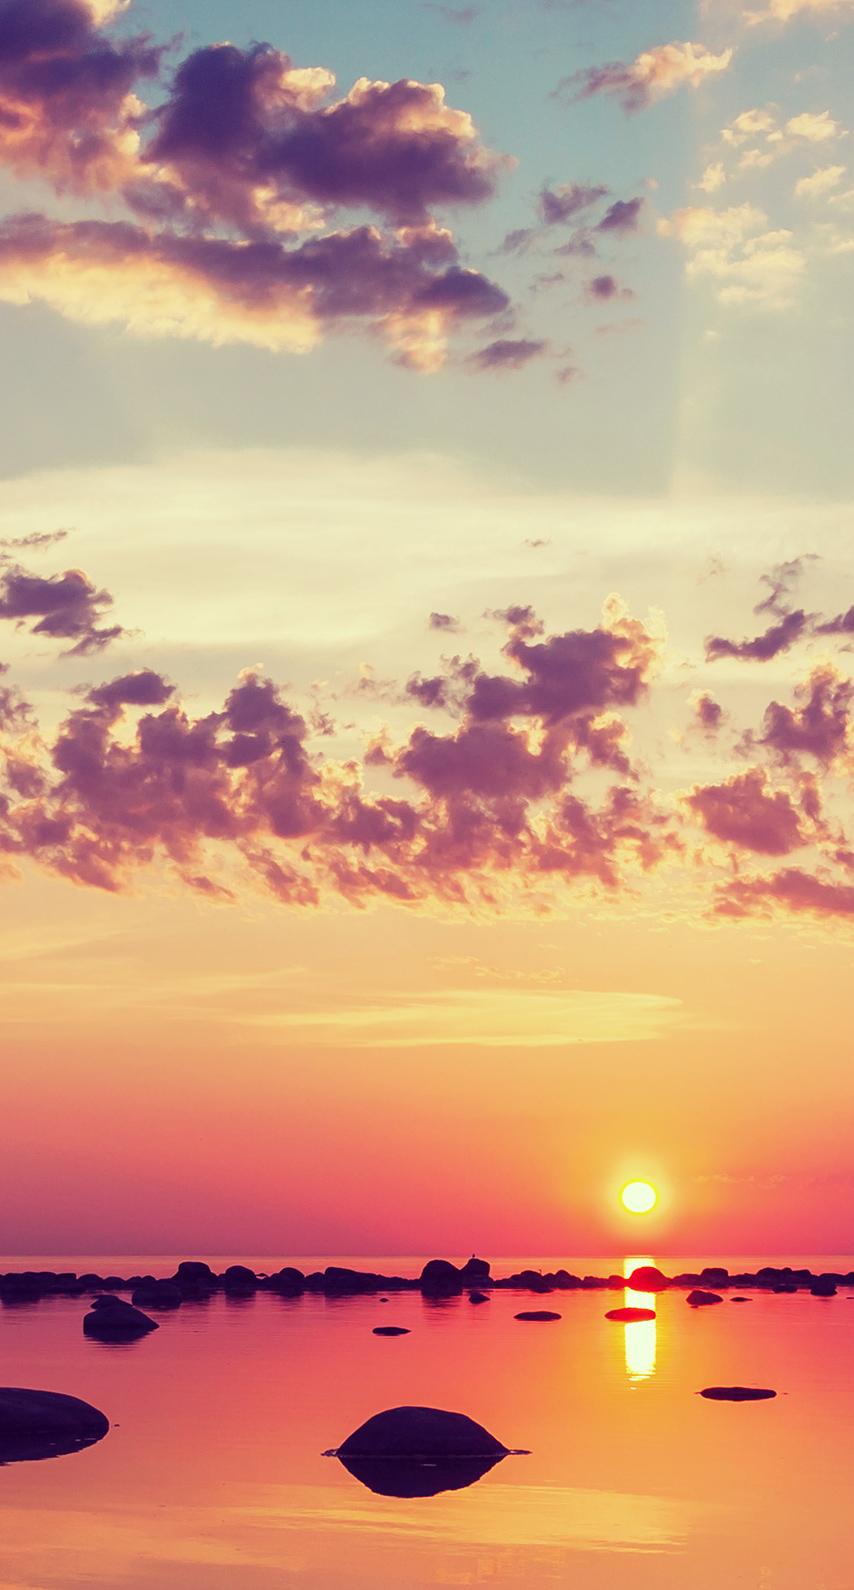 fair weather, dusk